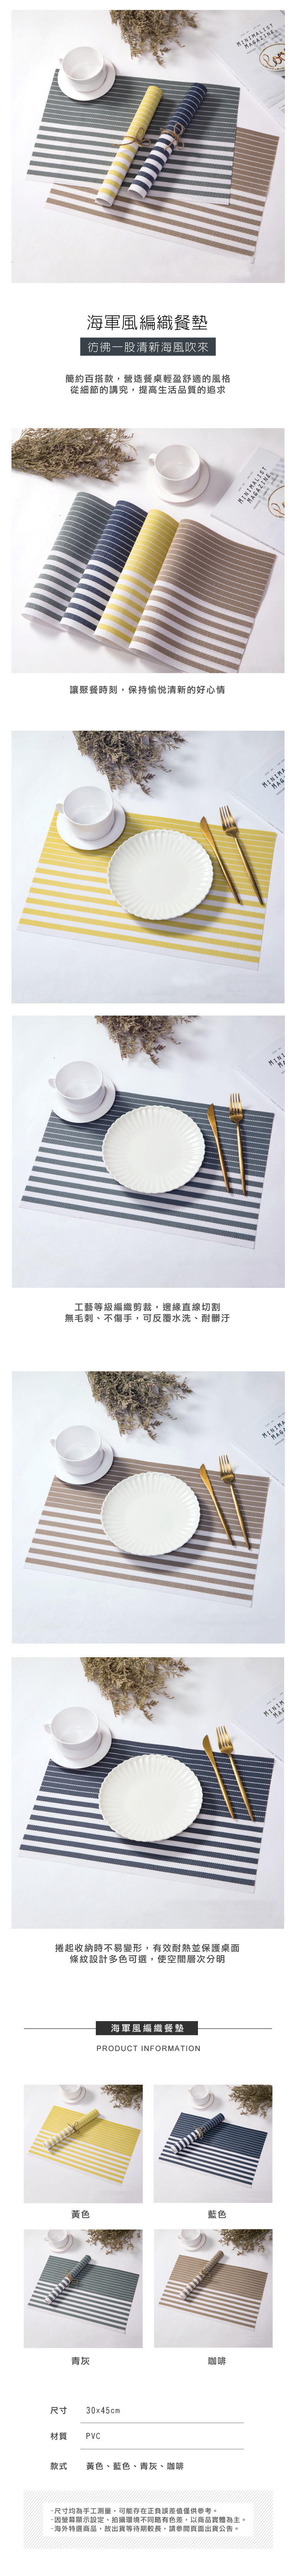 海軍風編織餐墊